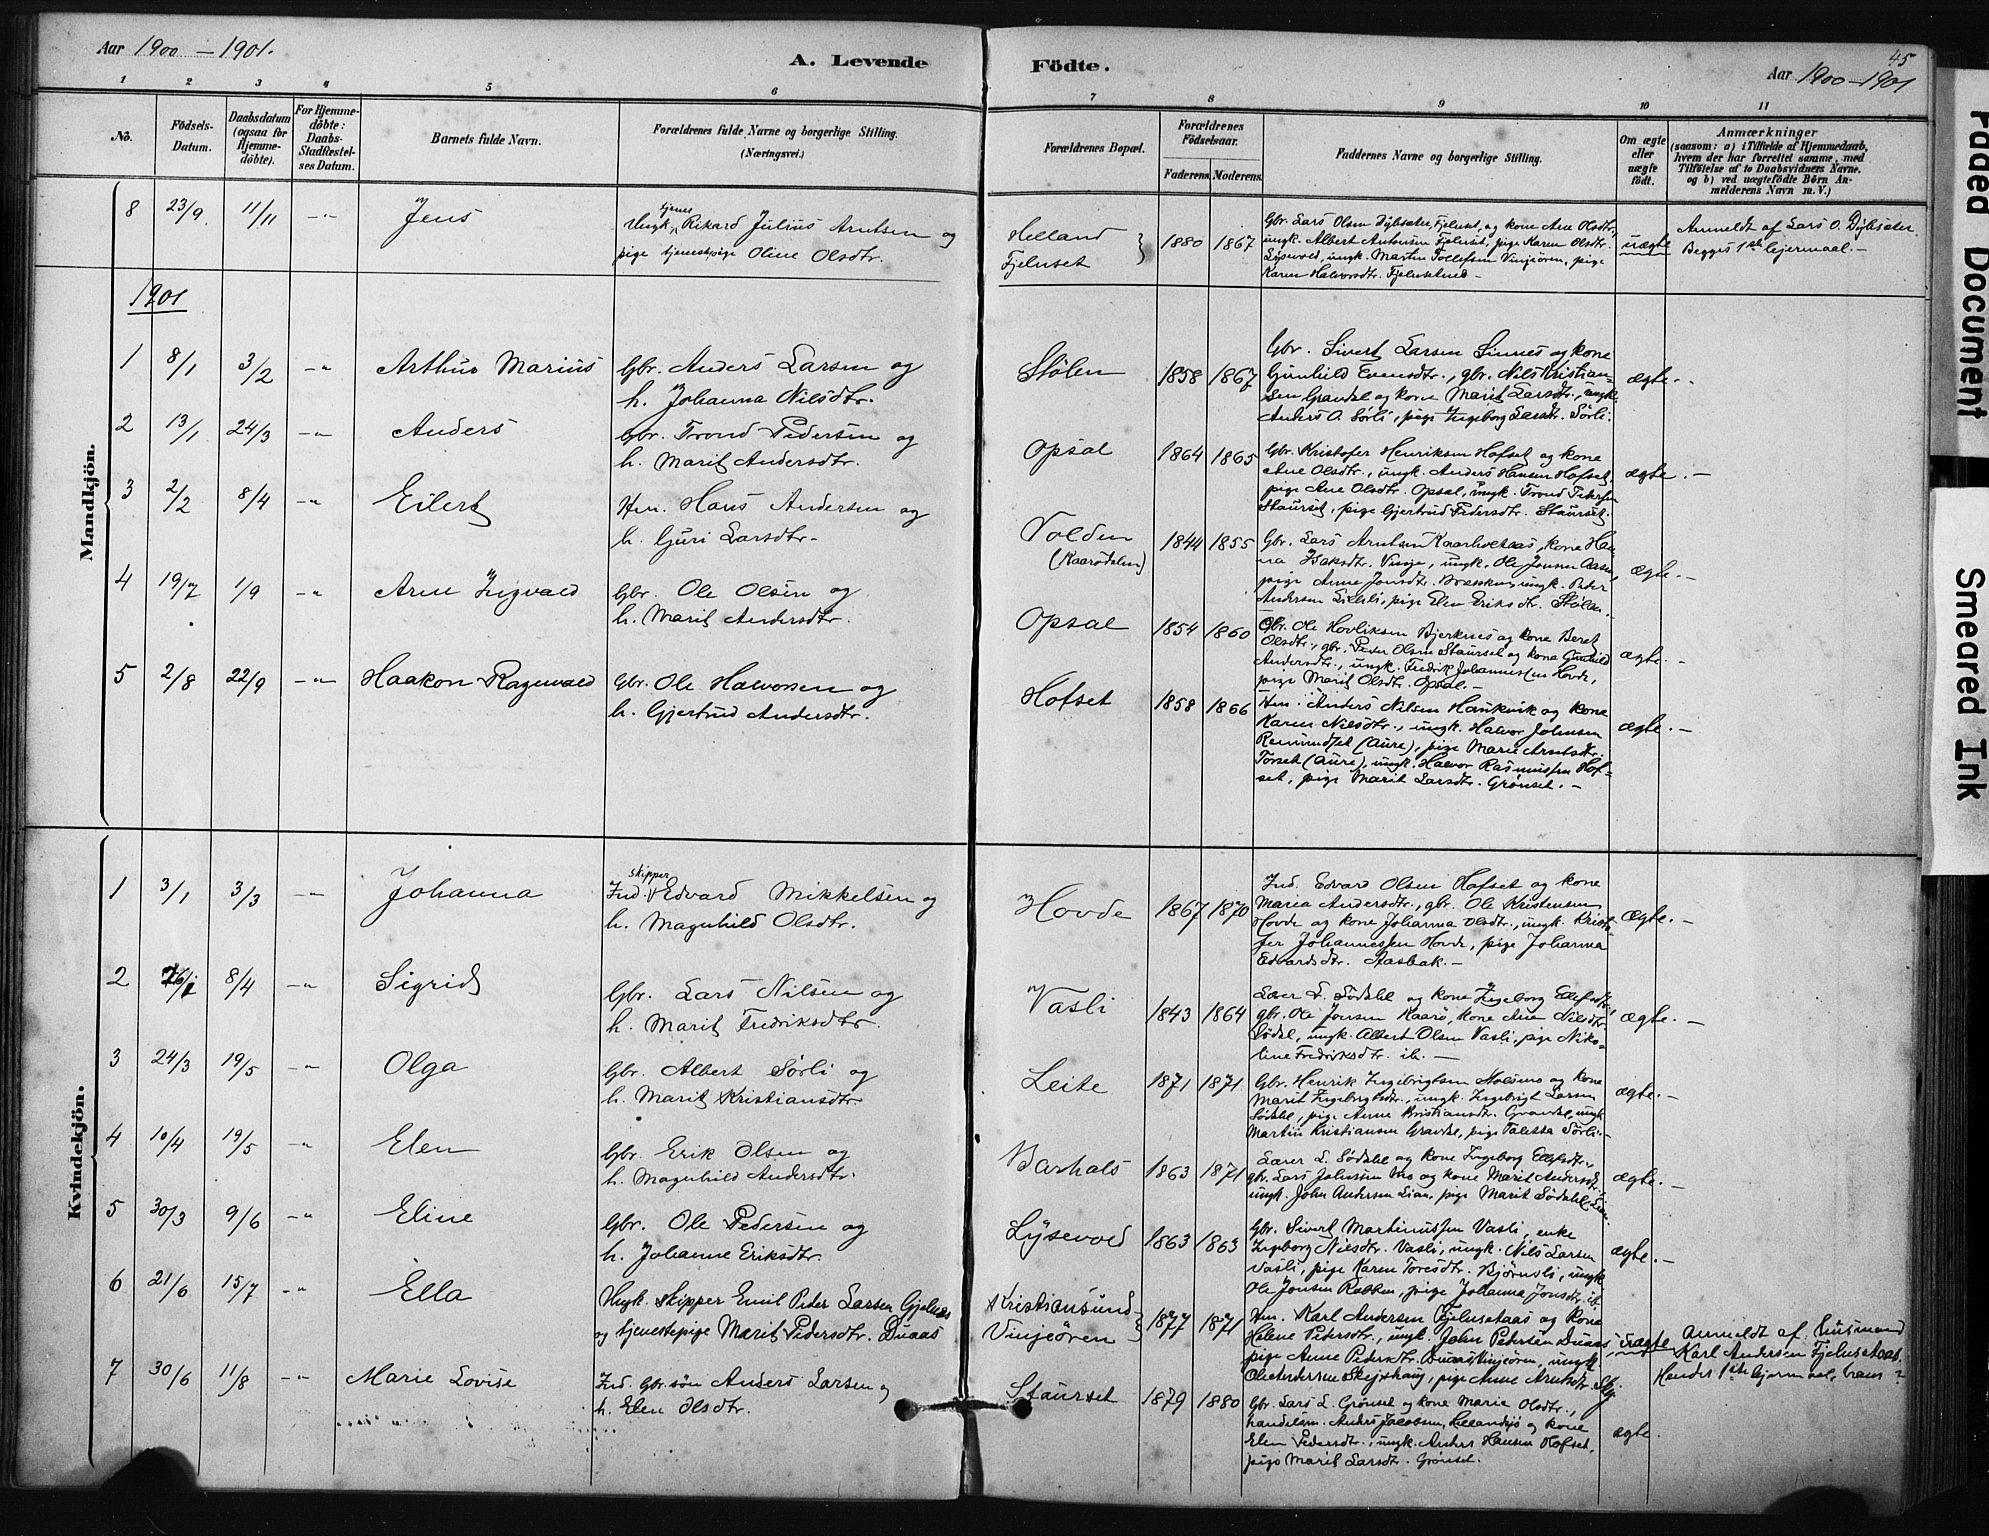 SAT, Ministerialprotokoller, klokkerbøker og fødselsregistre - Sør-Trøndelag, 631/L0512: Ministerialbok nr. 631A01, 1879-1912, s. 45